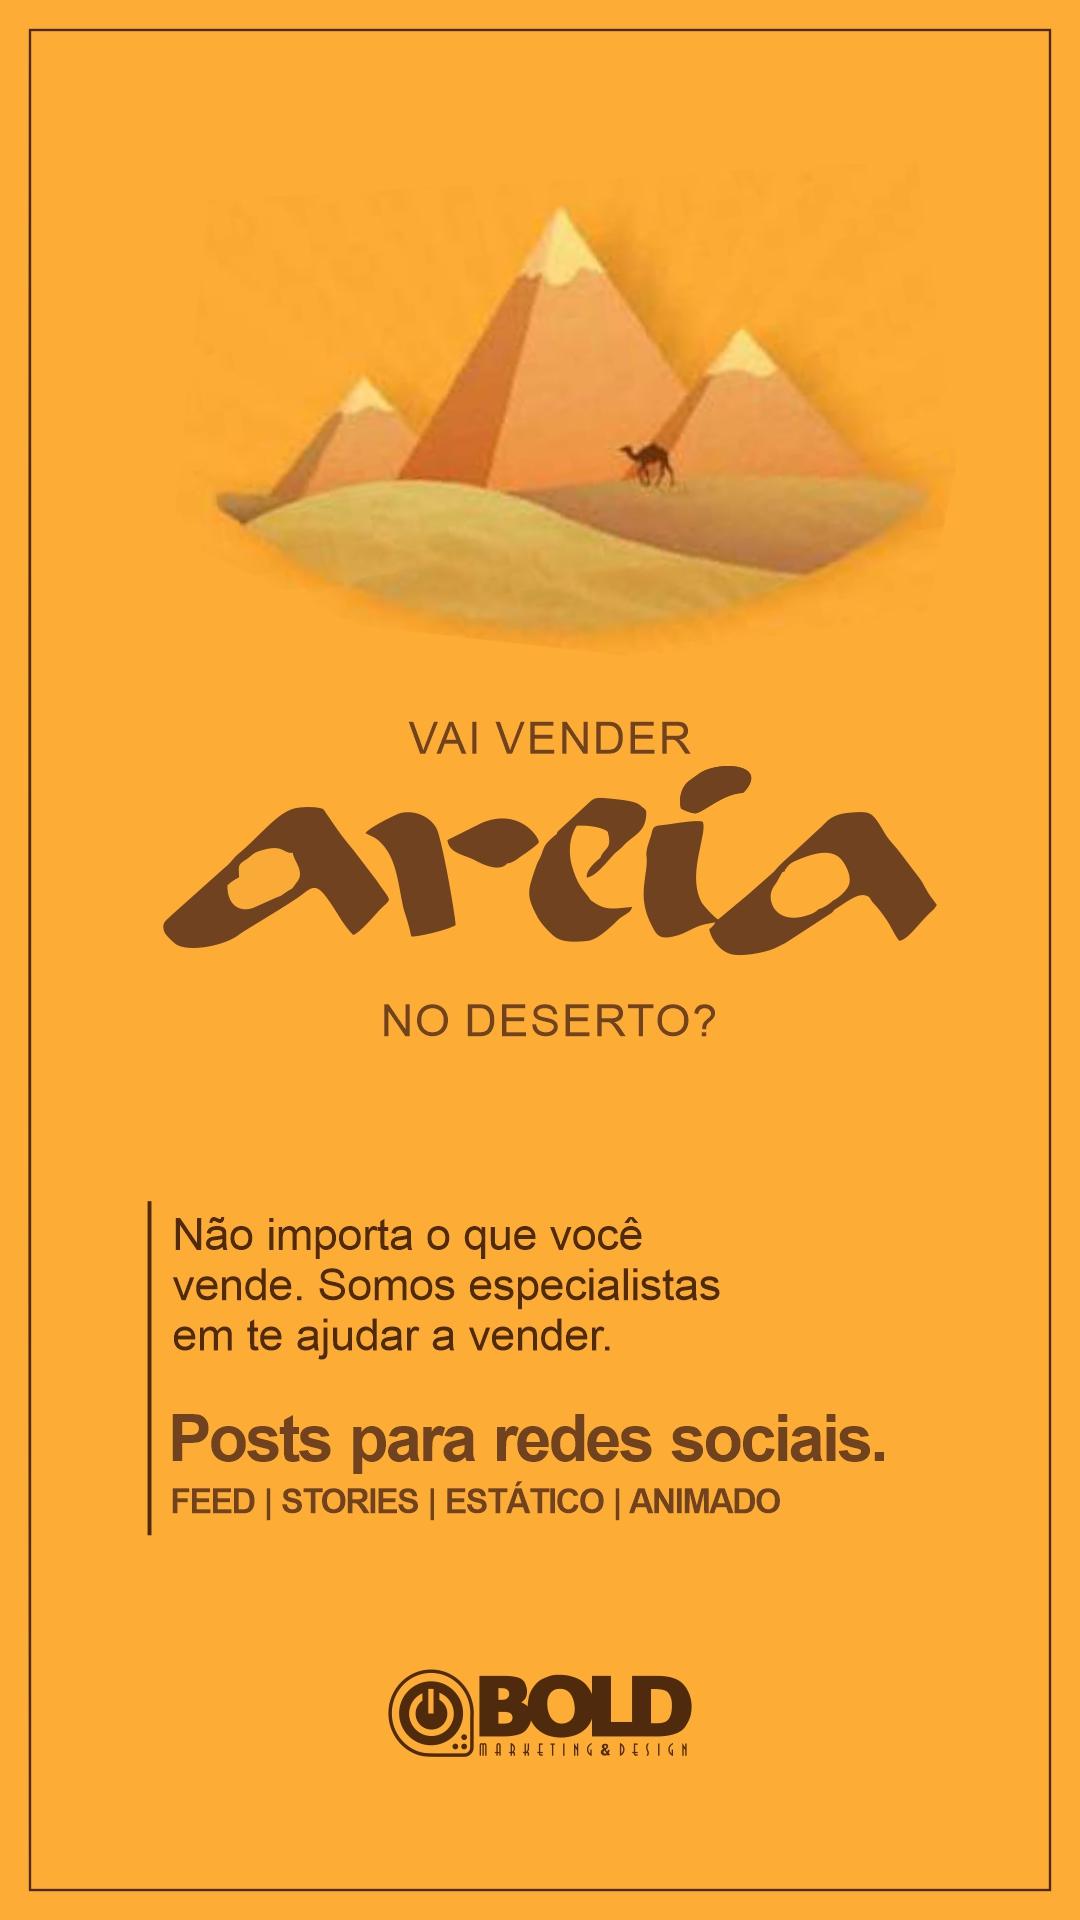 Imagem do anúncio 1